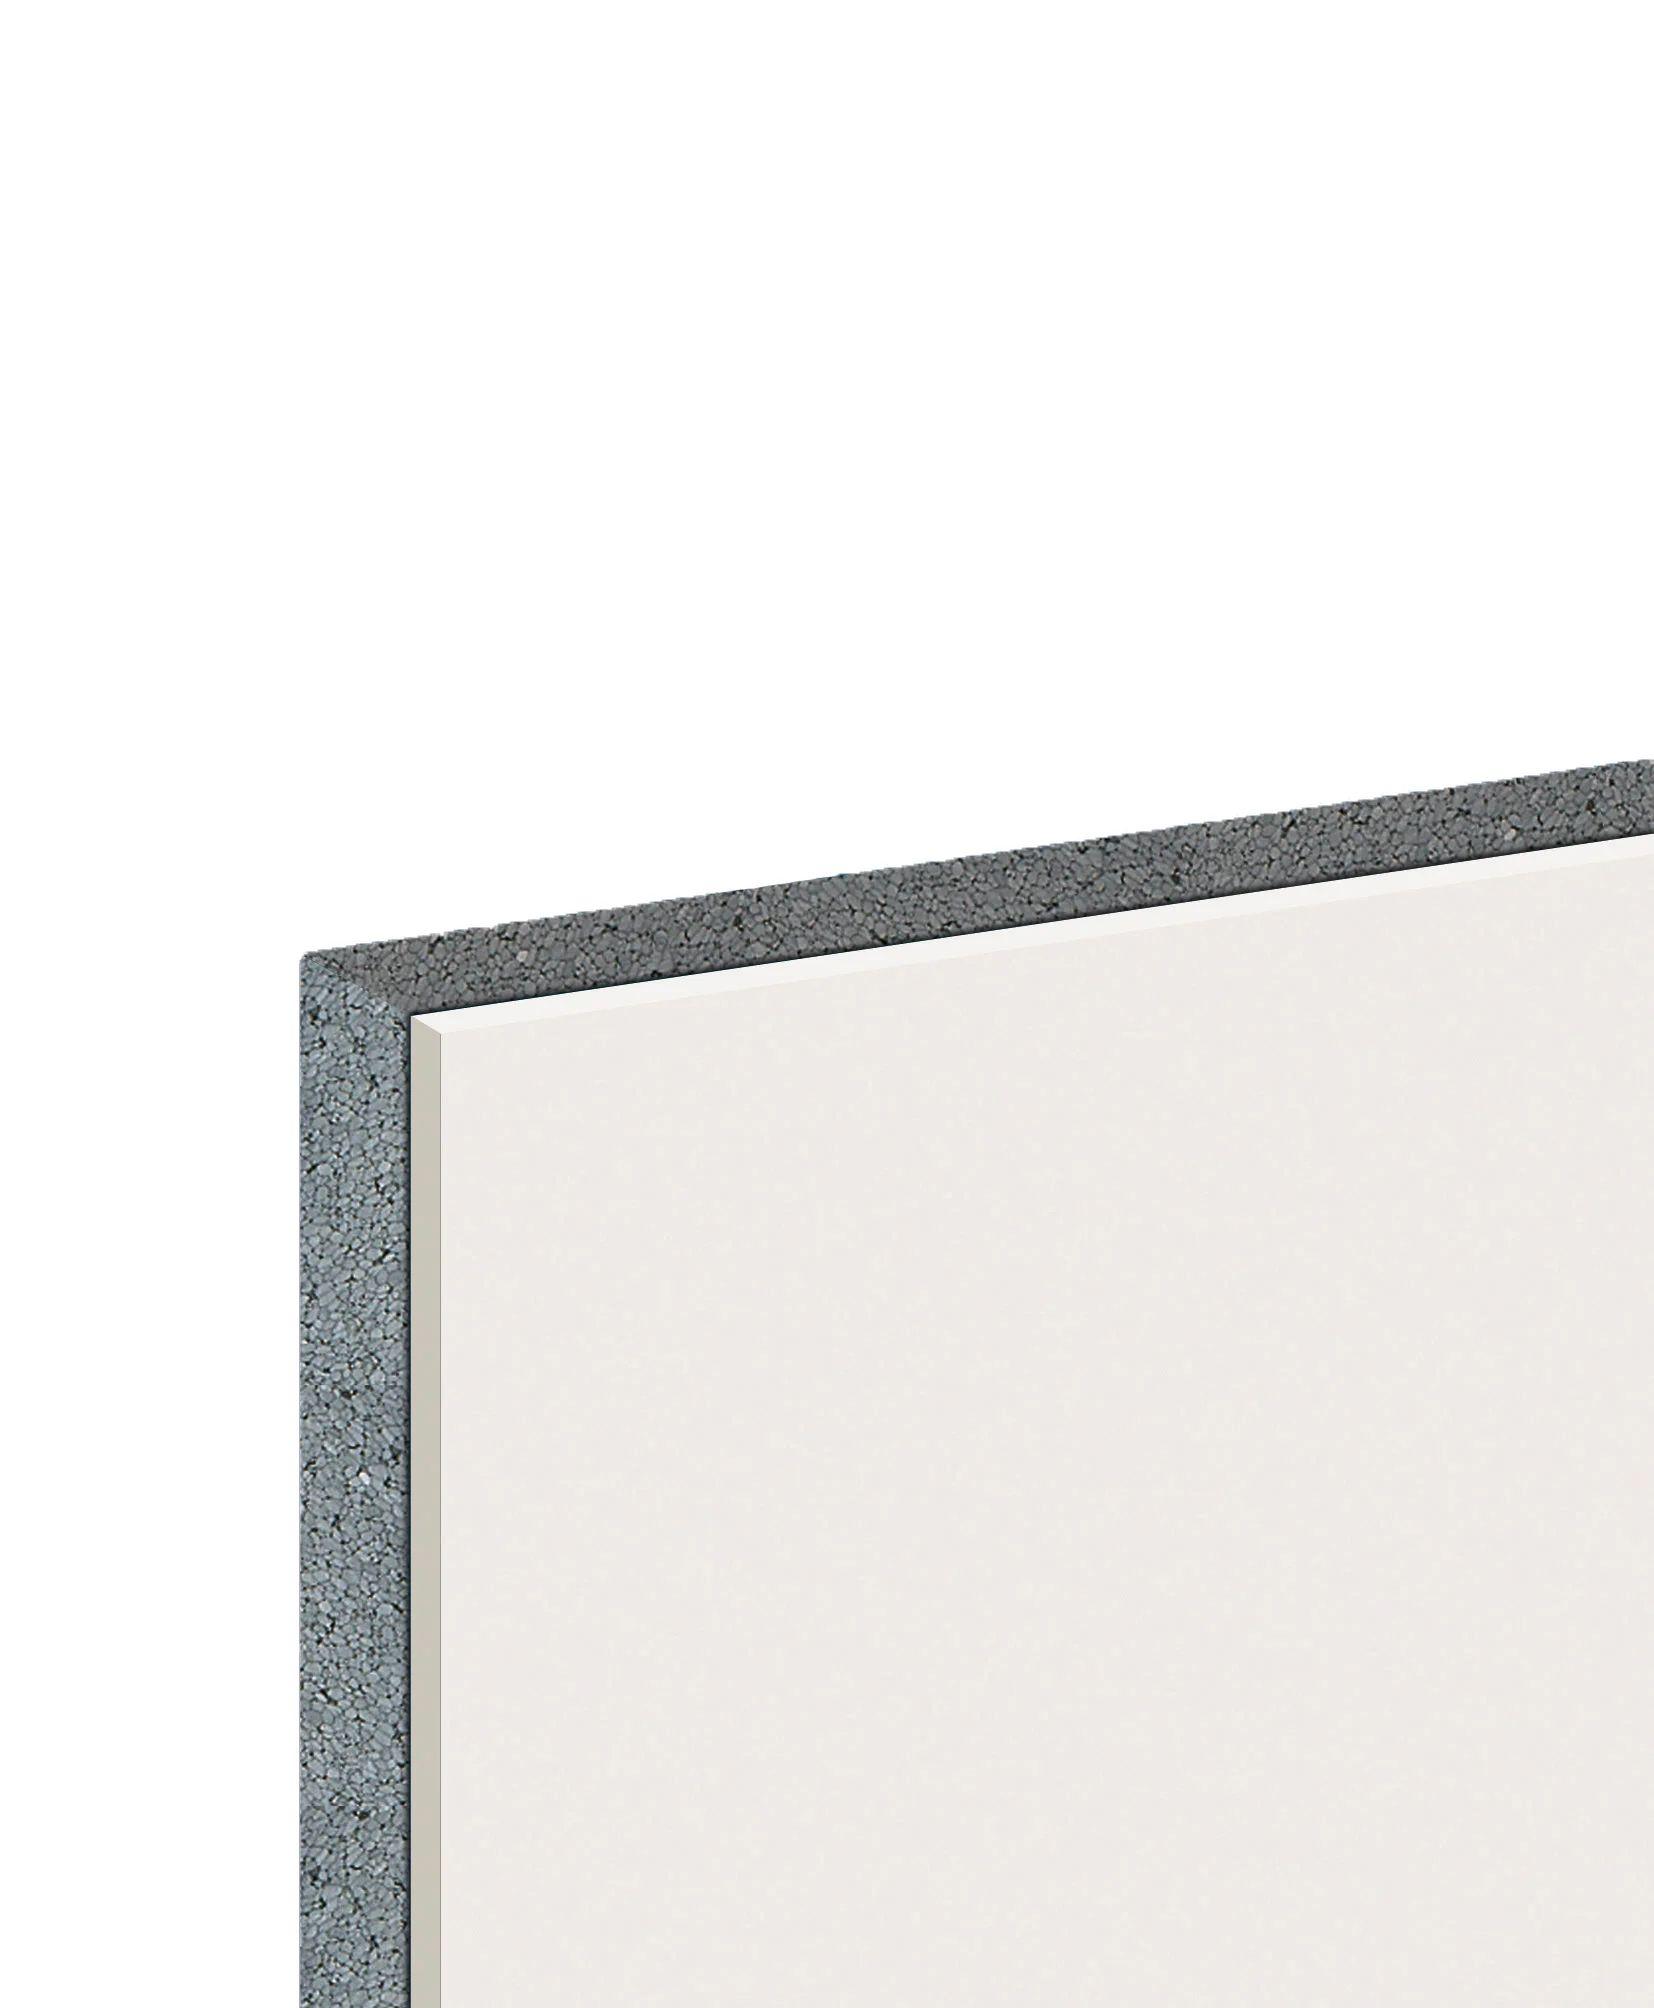 Doublage Avec Plaque De Platre Polystyrene Extrude Isolation Par L Exterieur P Leroy Merlin